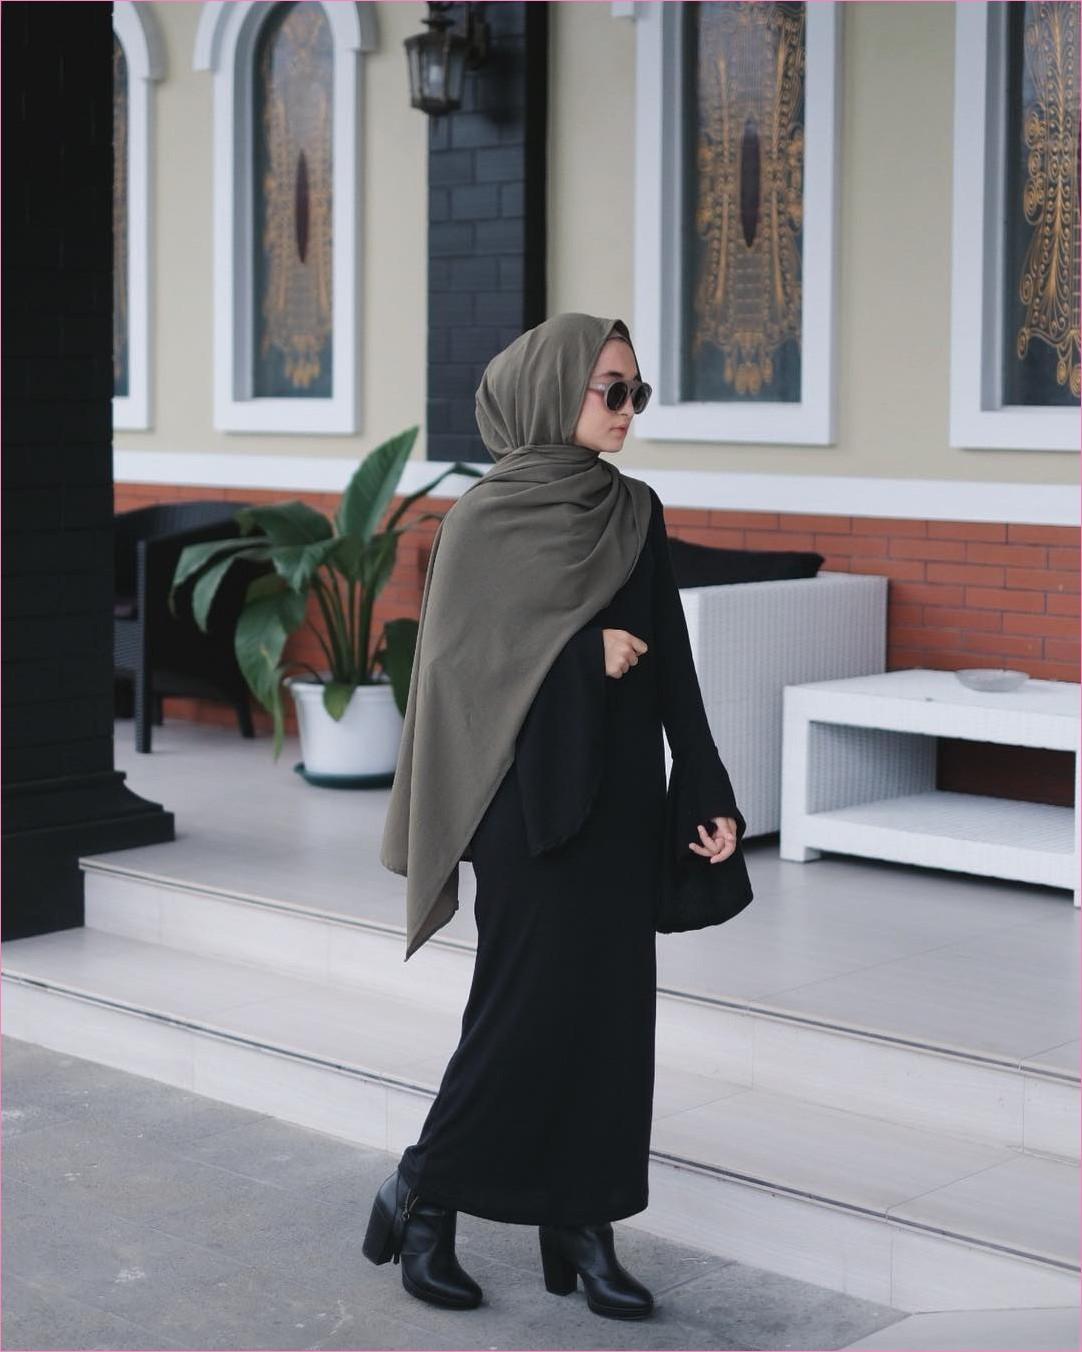 Outfit Kerudung Pashmina Ala Selebgram 2018 hijab pashmina diamond hijau army baju abaya lengan terompet warna hitam sepatu boots heels  kacamata bulat hitam ciput raju legging ootd trendy kekinian pot bunga putih daun hijau